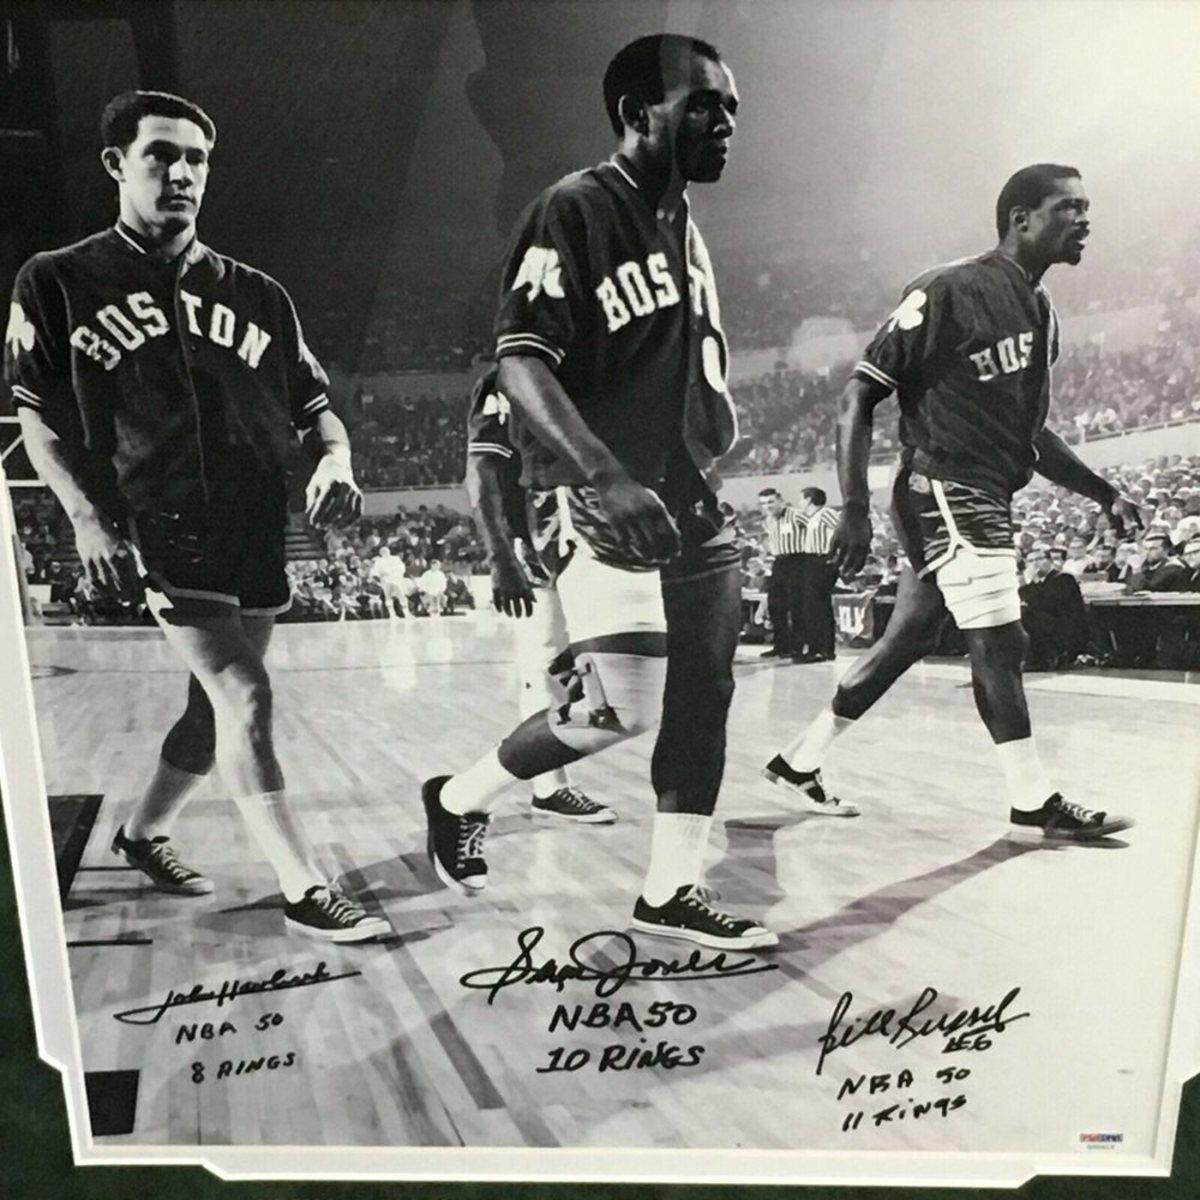 Bill Russell, John Havlicek and Sam Jones